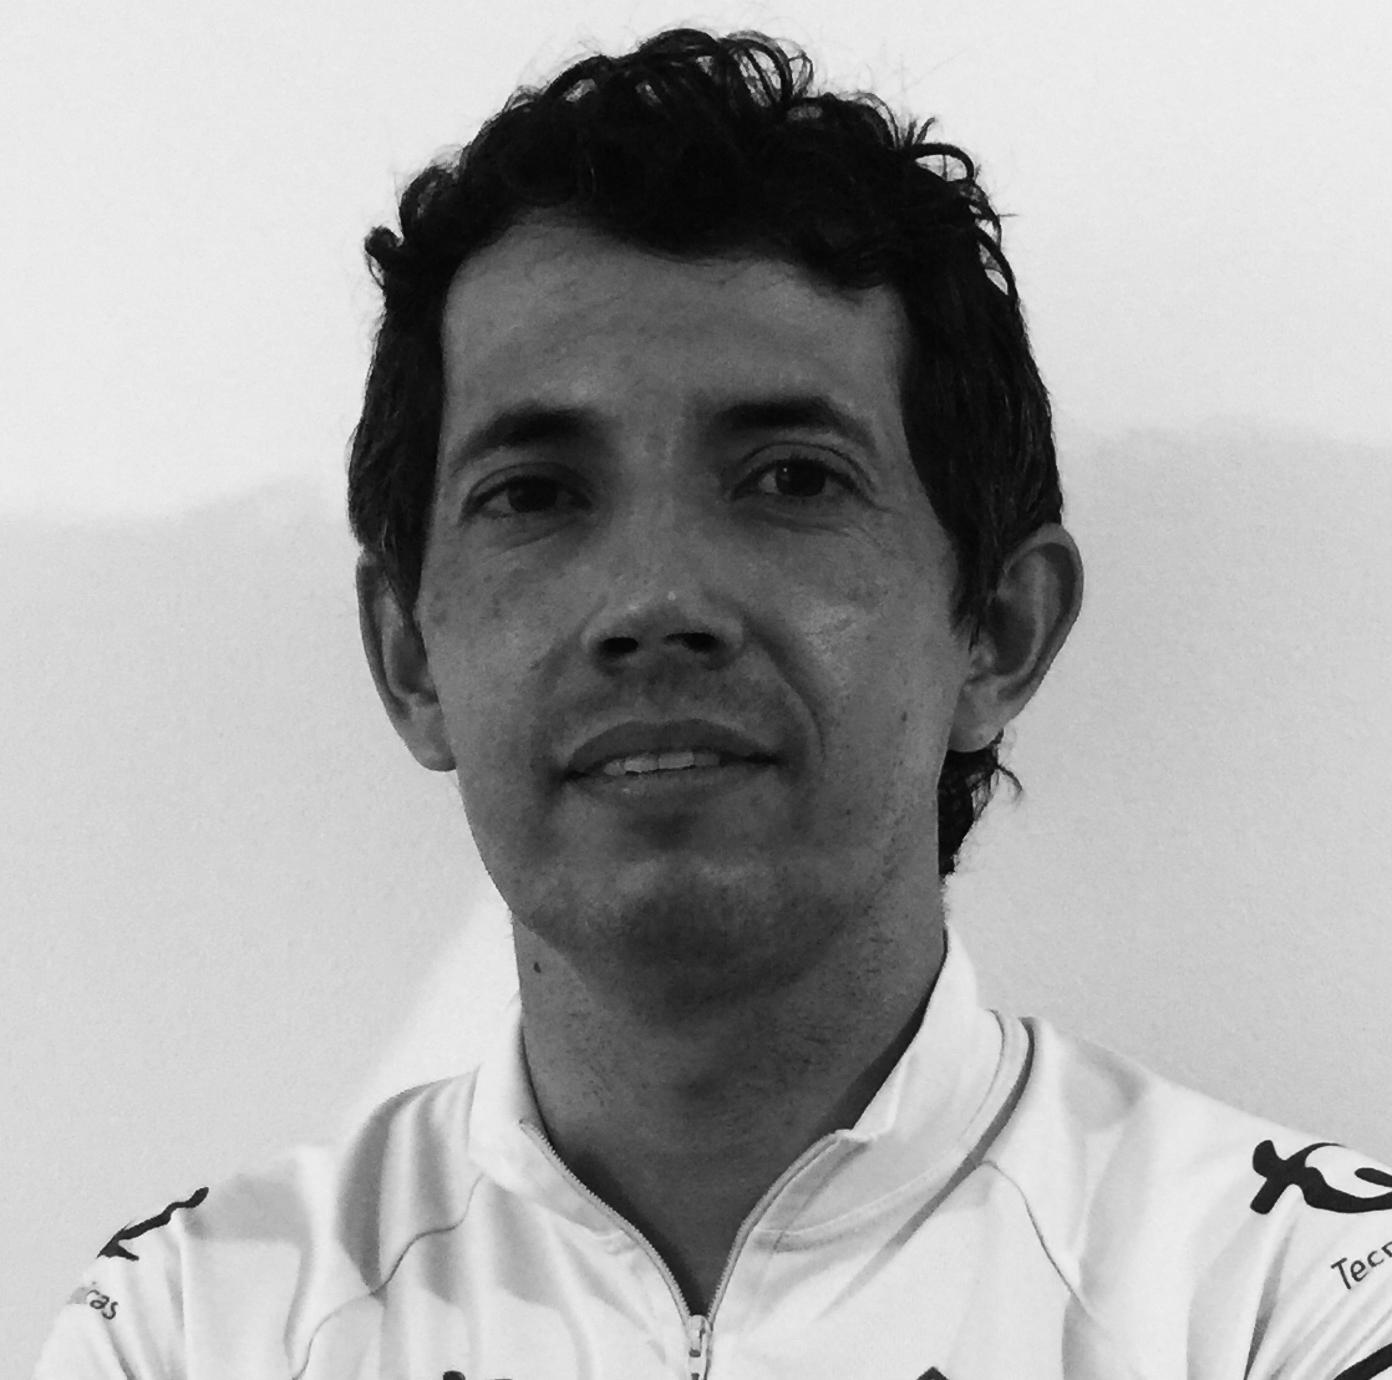 Alvaro_Ricardo_Herrera